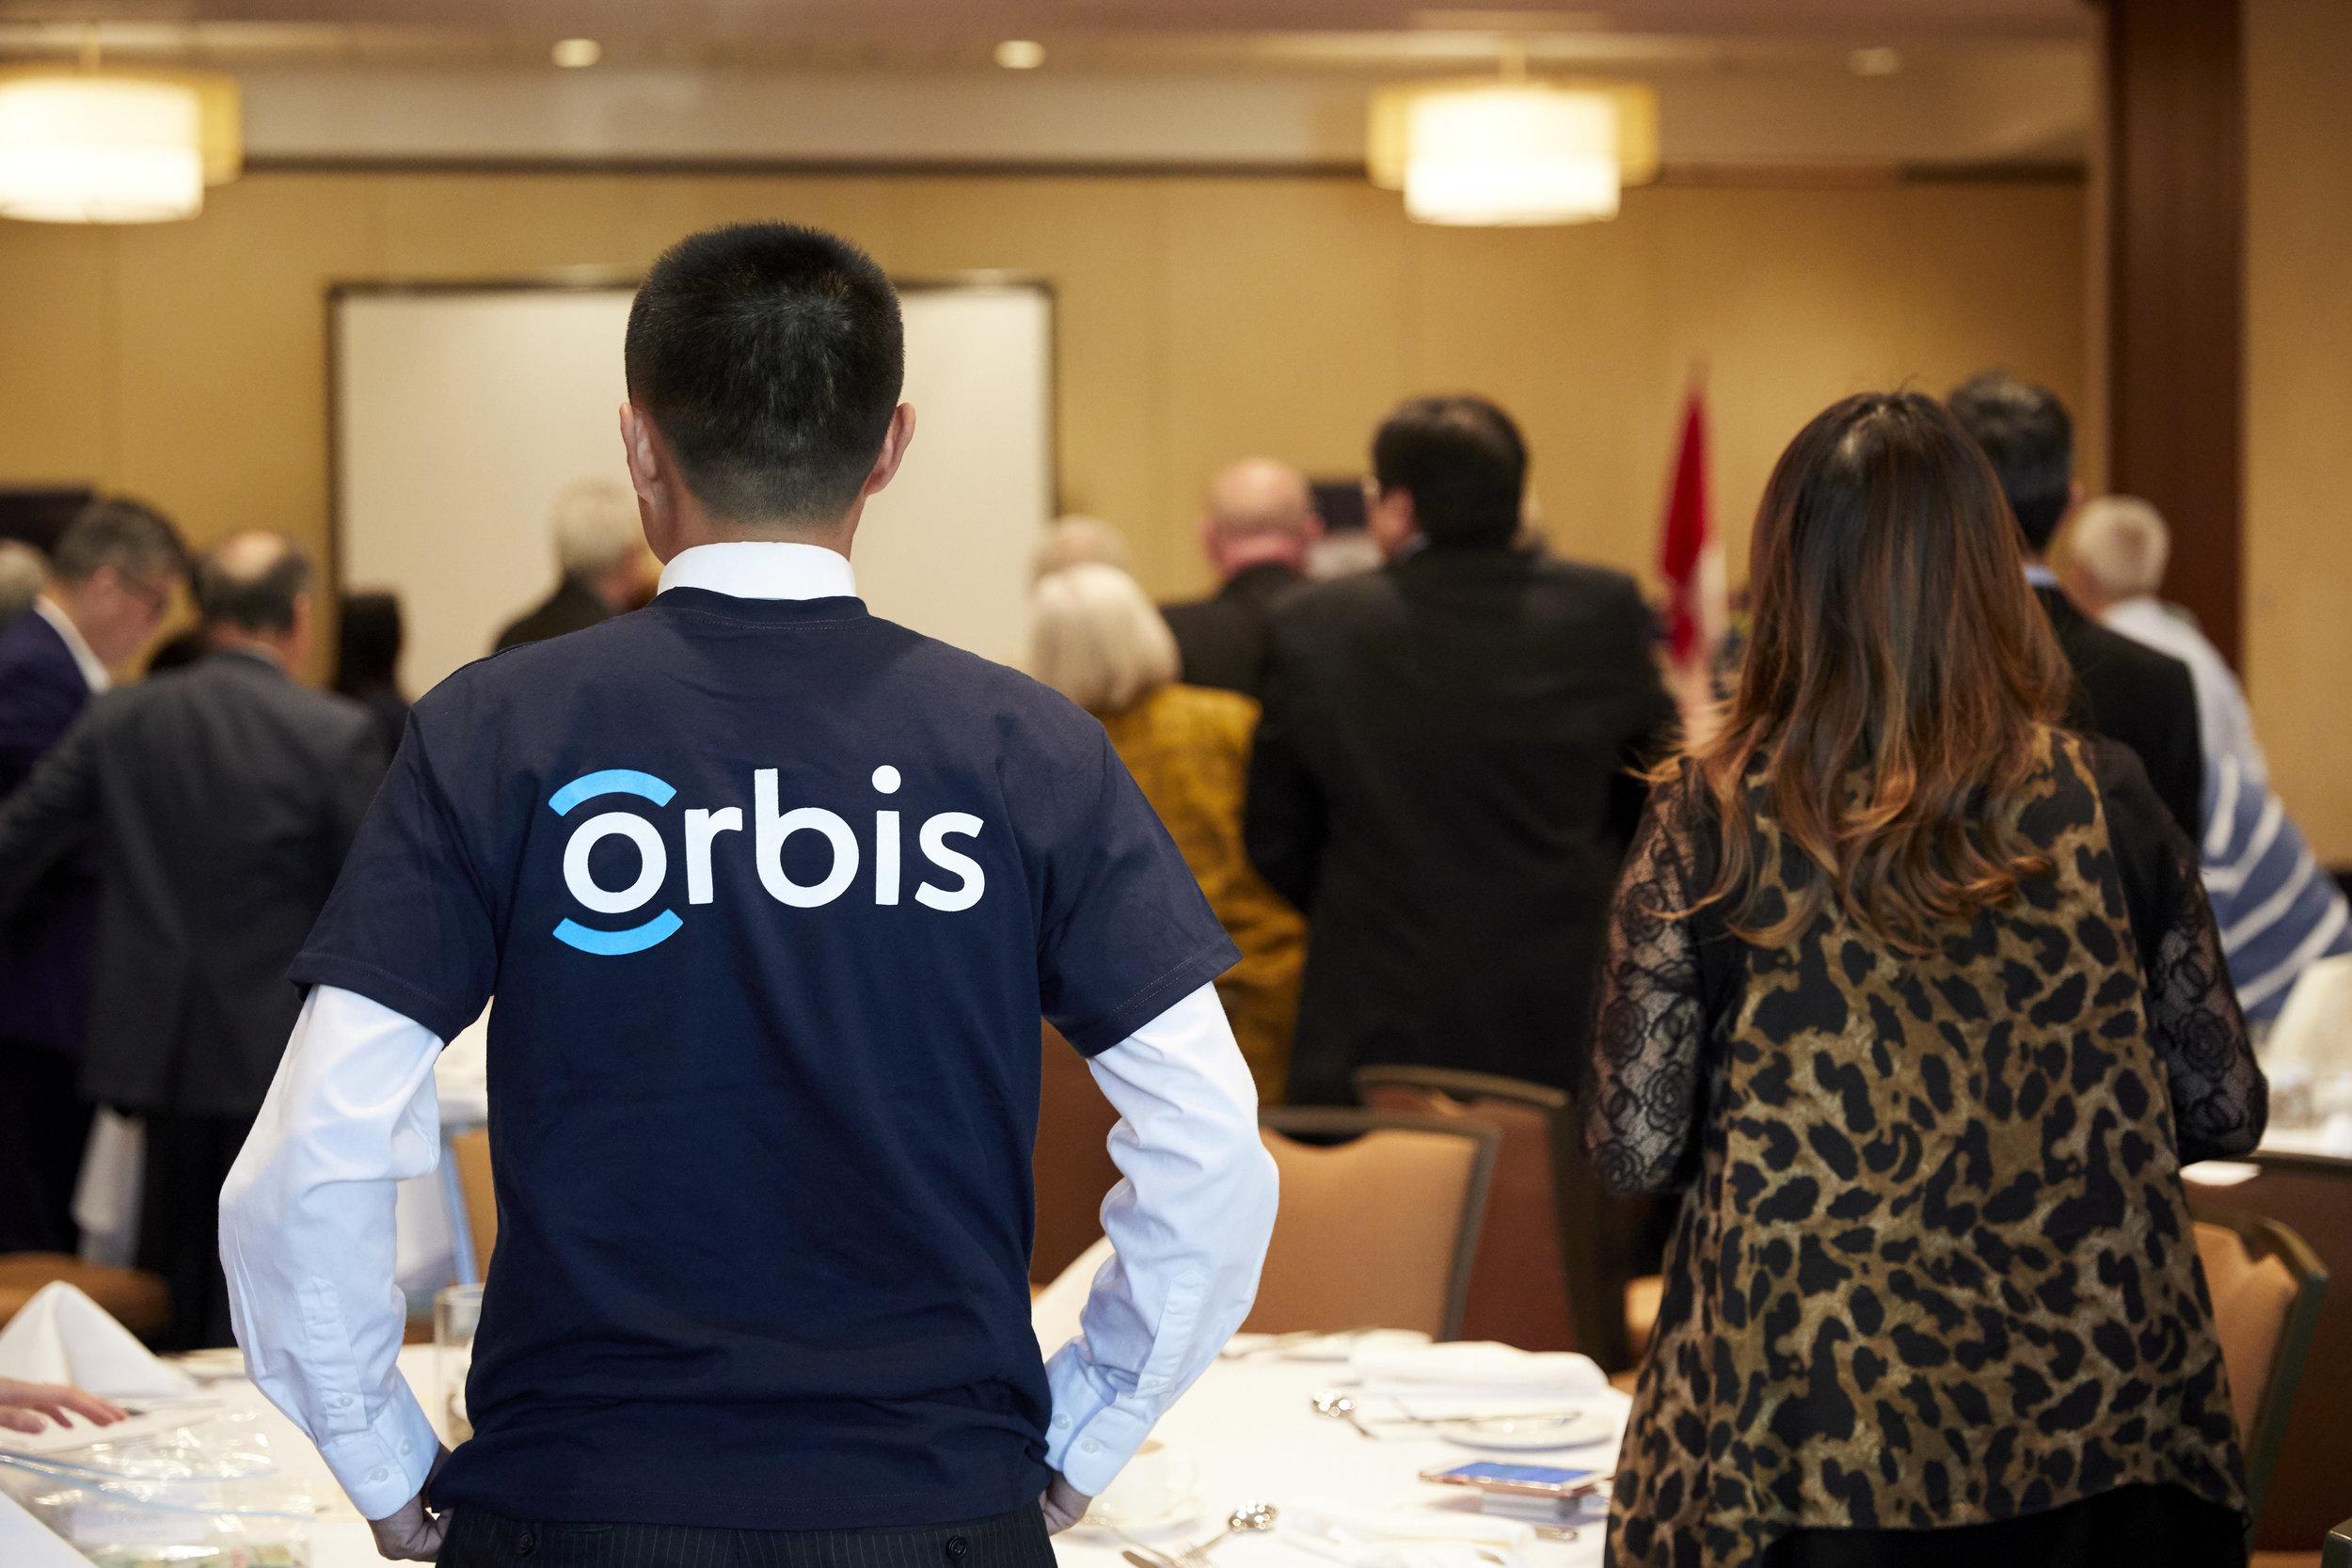 Rotary_Orbis_7_KJG_0027.jpg